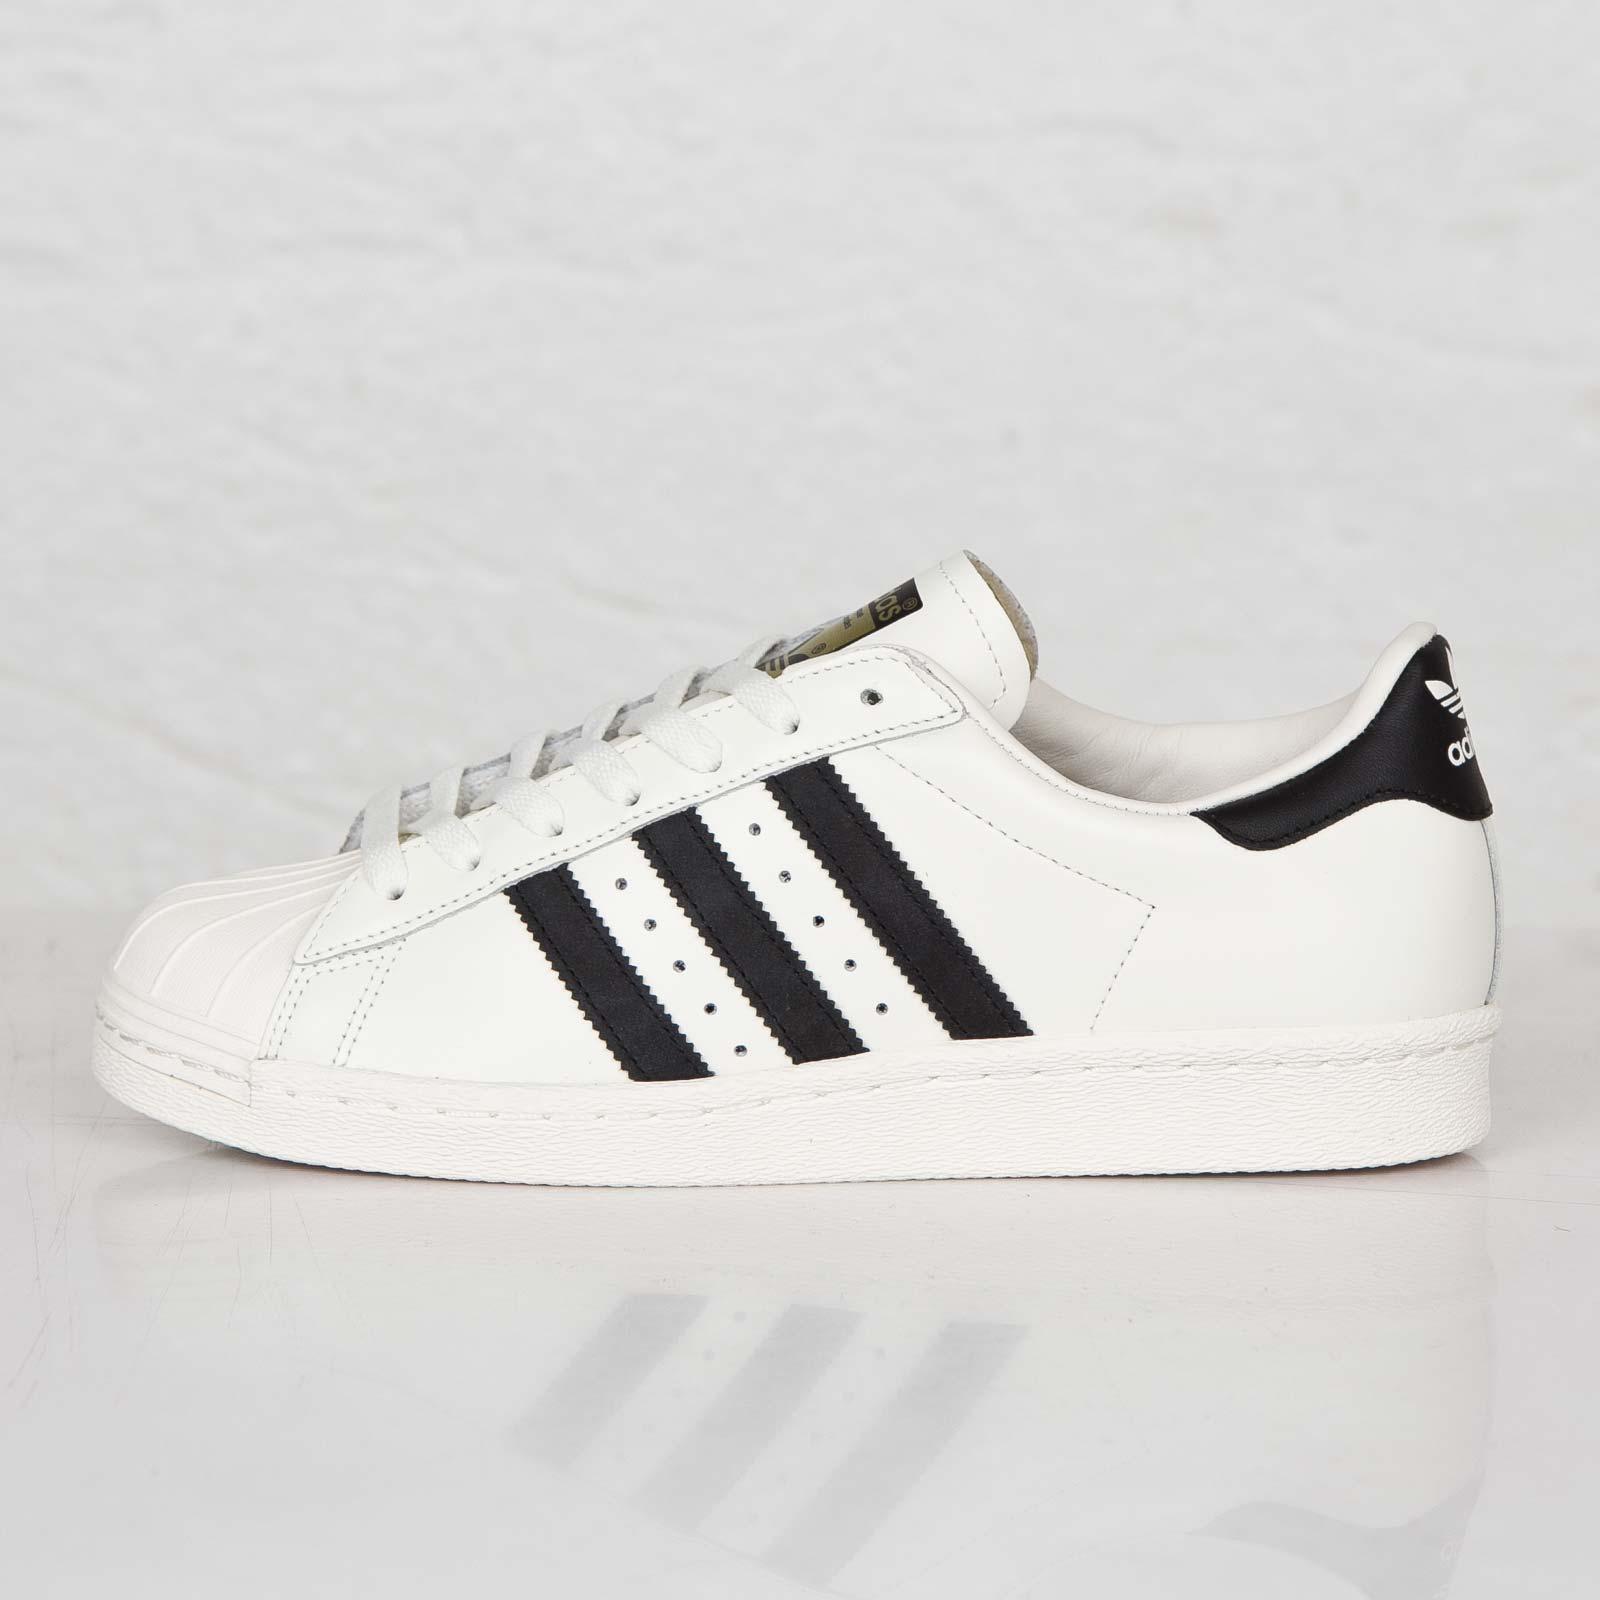 adidas Superstar 80s Deluxe B25963 Sneakersnstuff